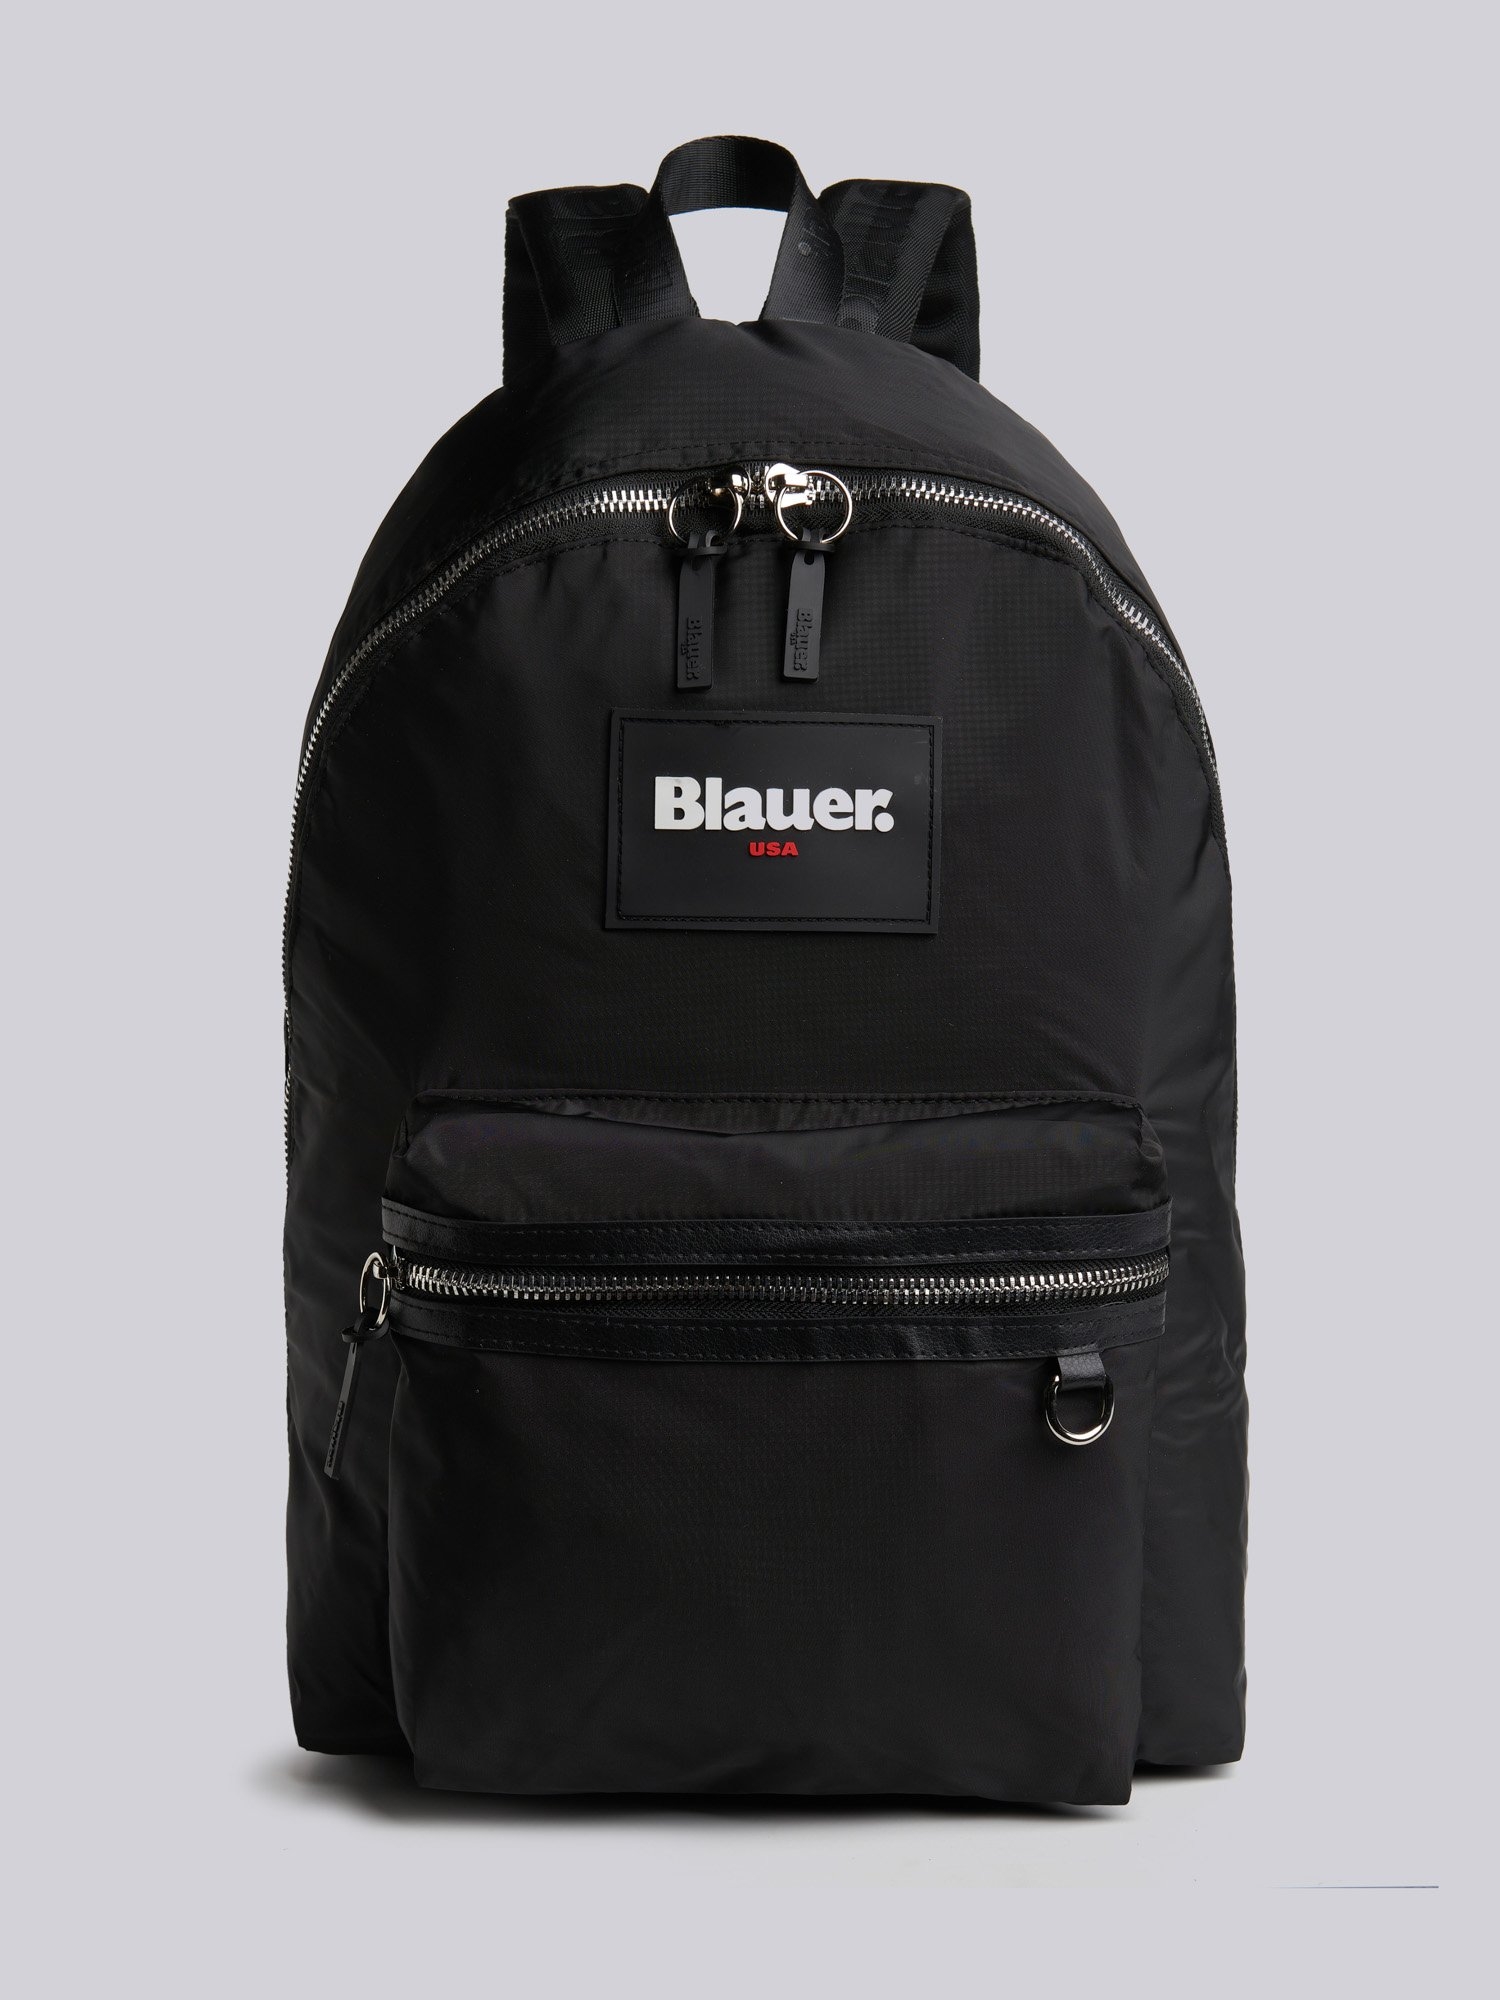 Blauer - NEVADA01C - Black - Blauer